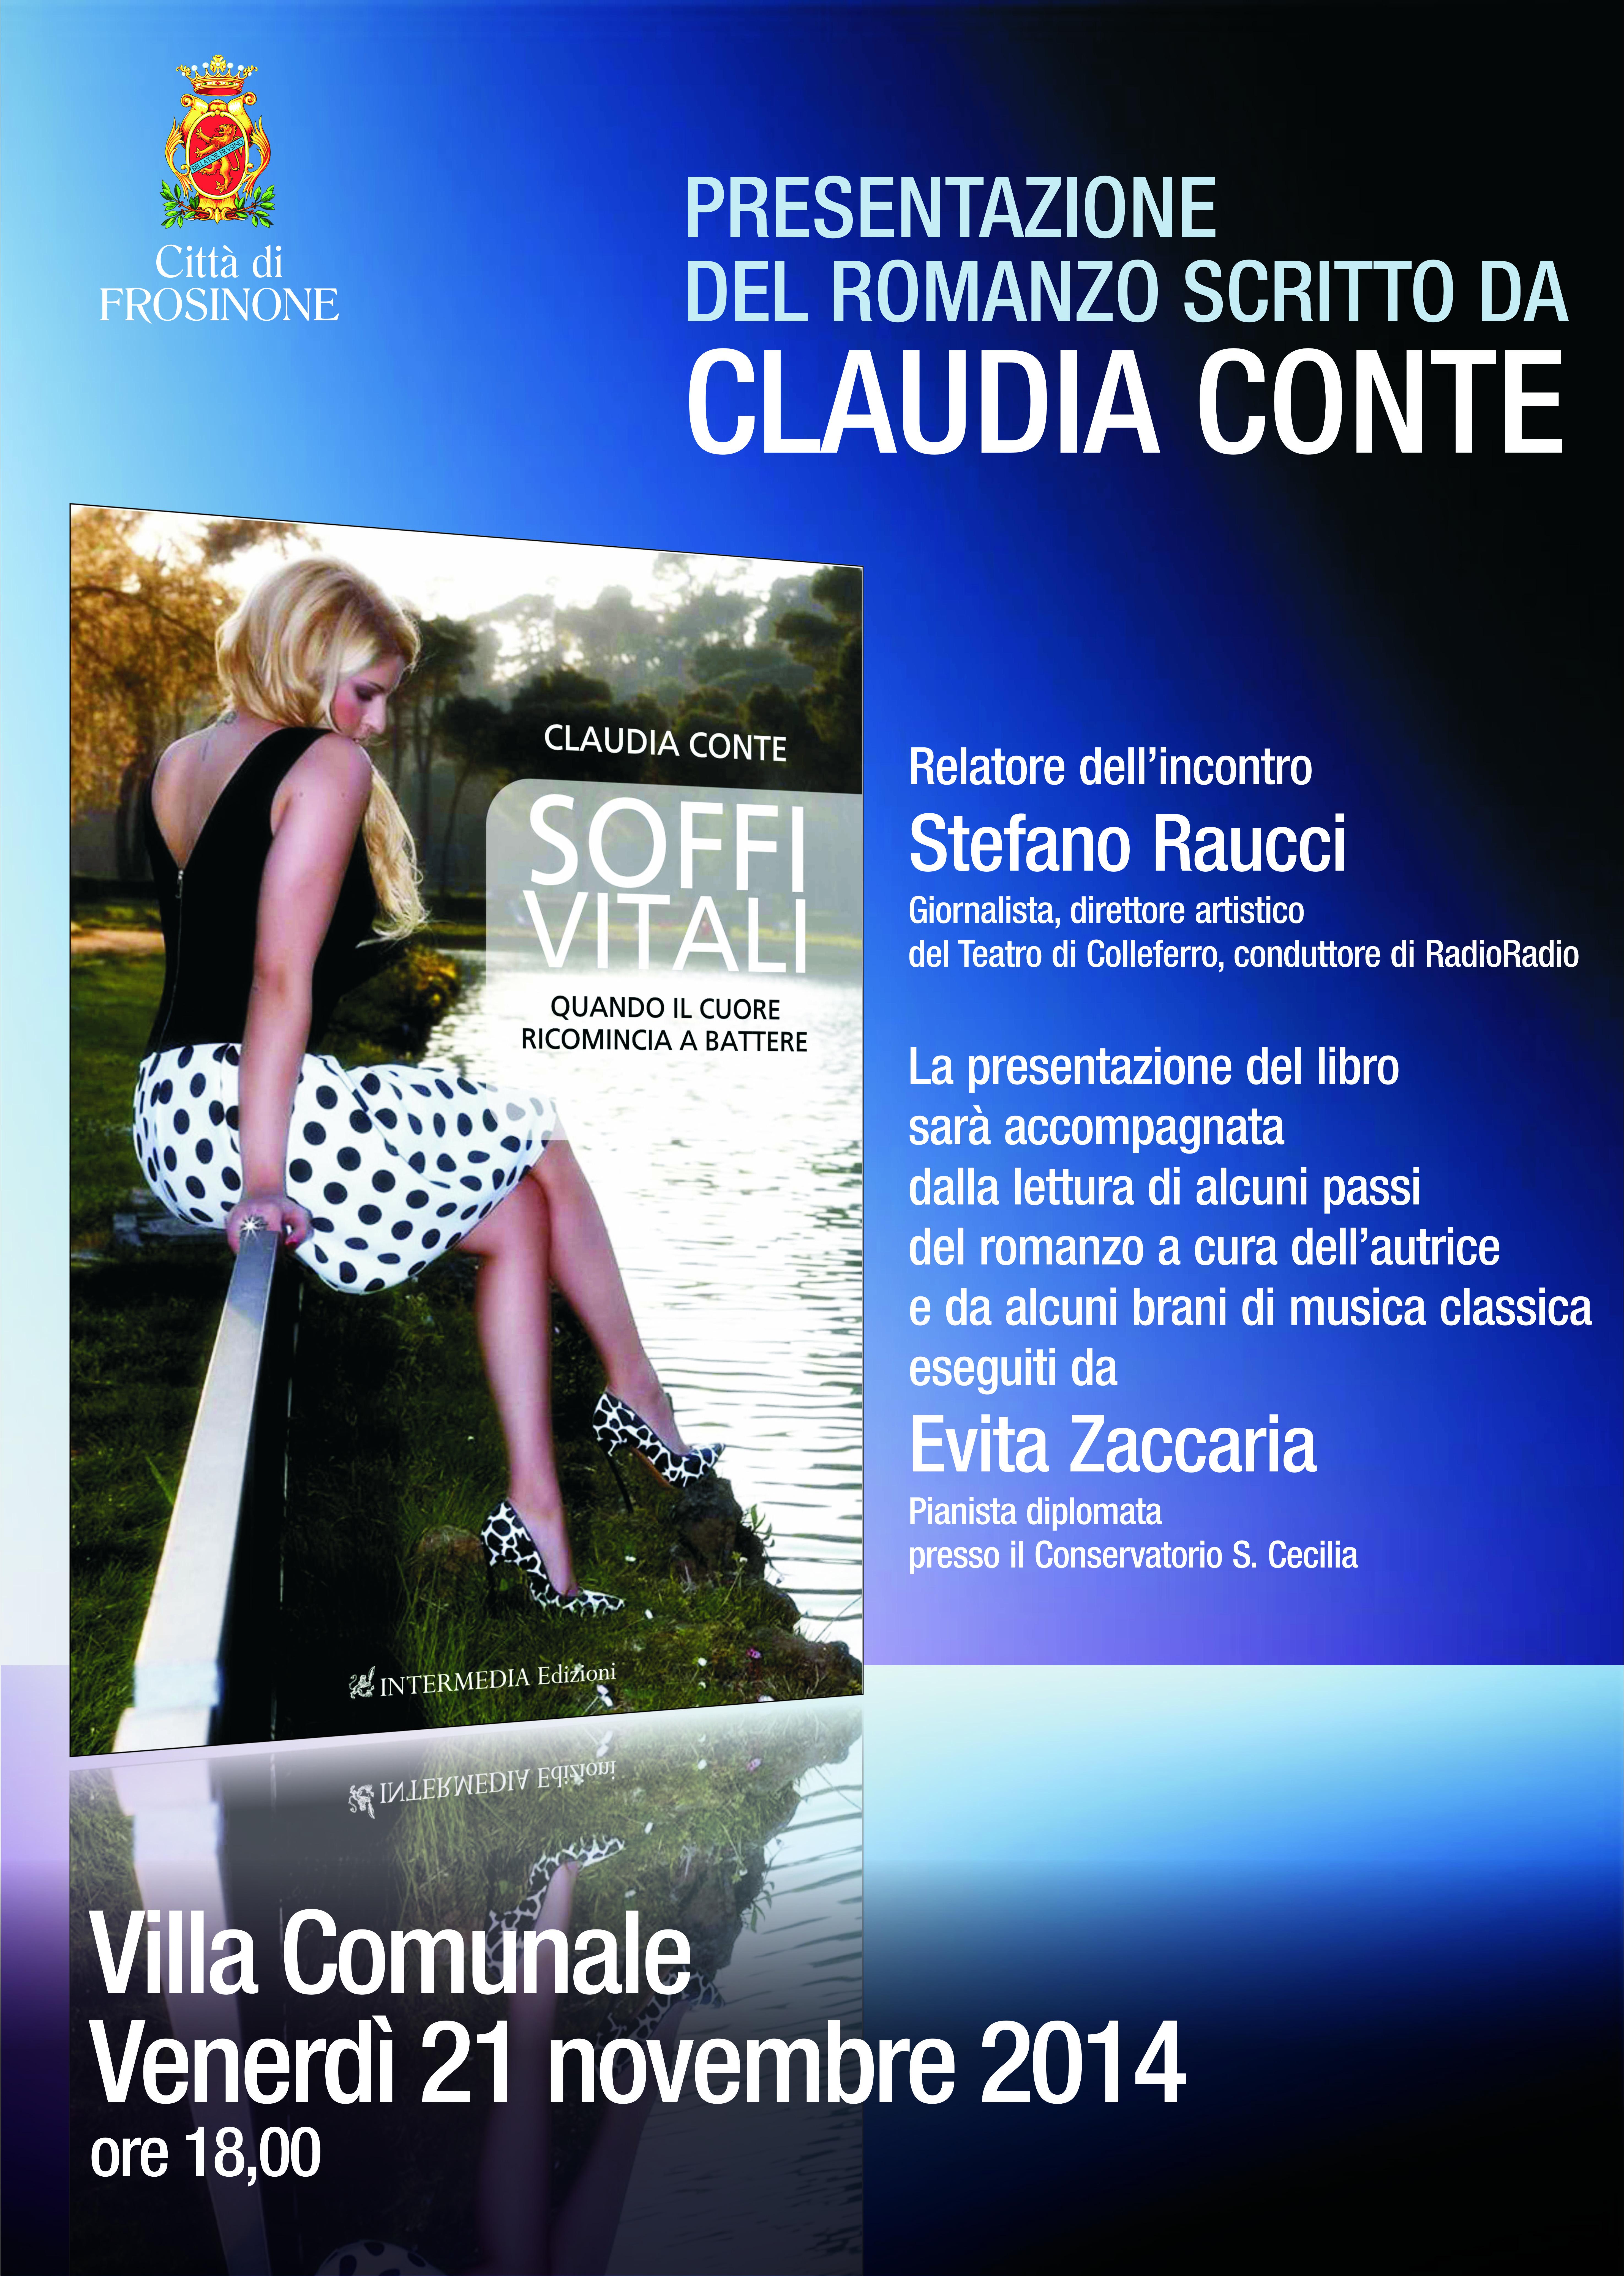 """Venerdì 21 novembre 2014 la Città di Frosinone ospiterà la presentazione del romanzo scritto da Claudia Conte, """"Soffi vitali. Quando il cuore ricomincia a battere"""". Frosinone è una città molto..."""